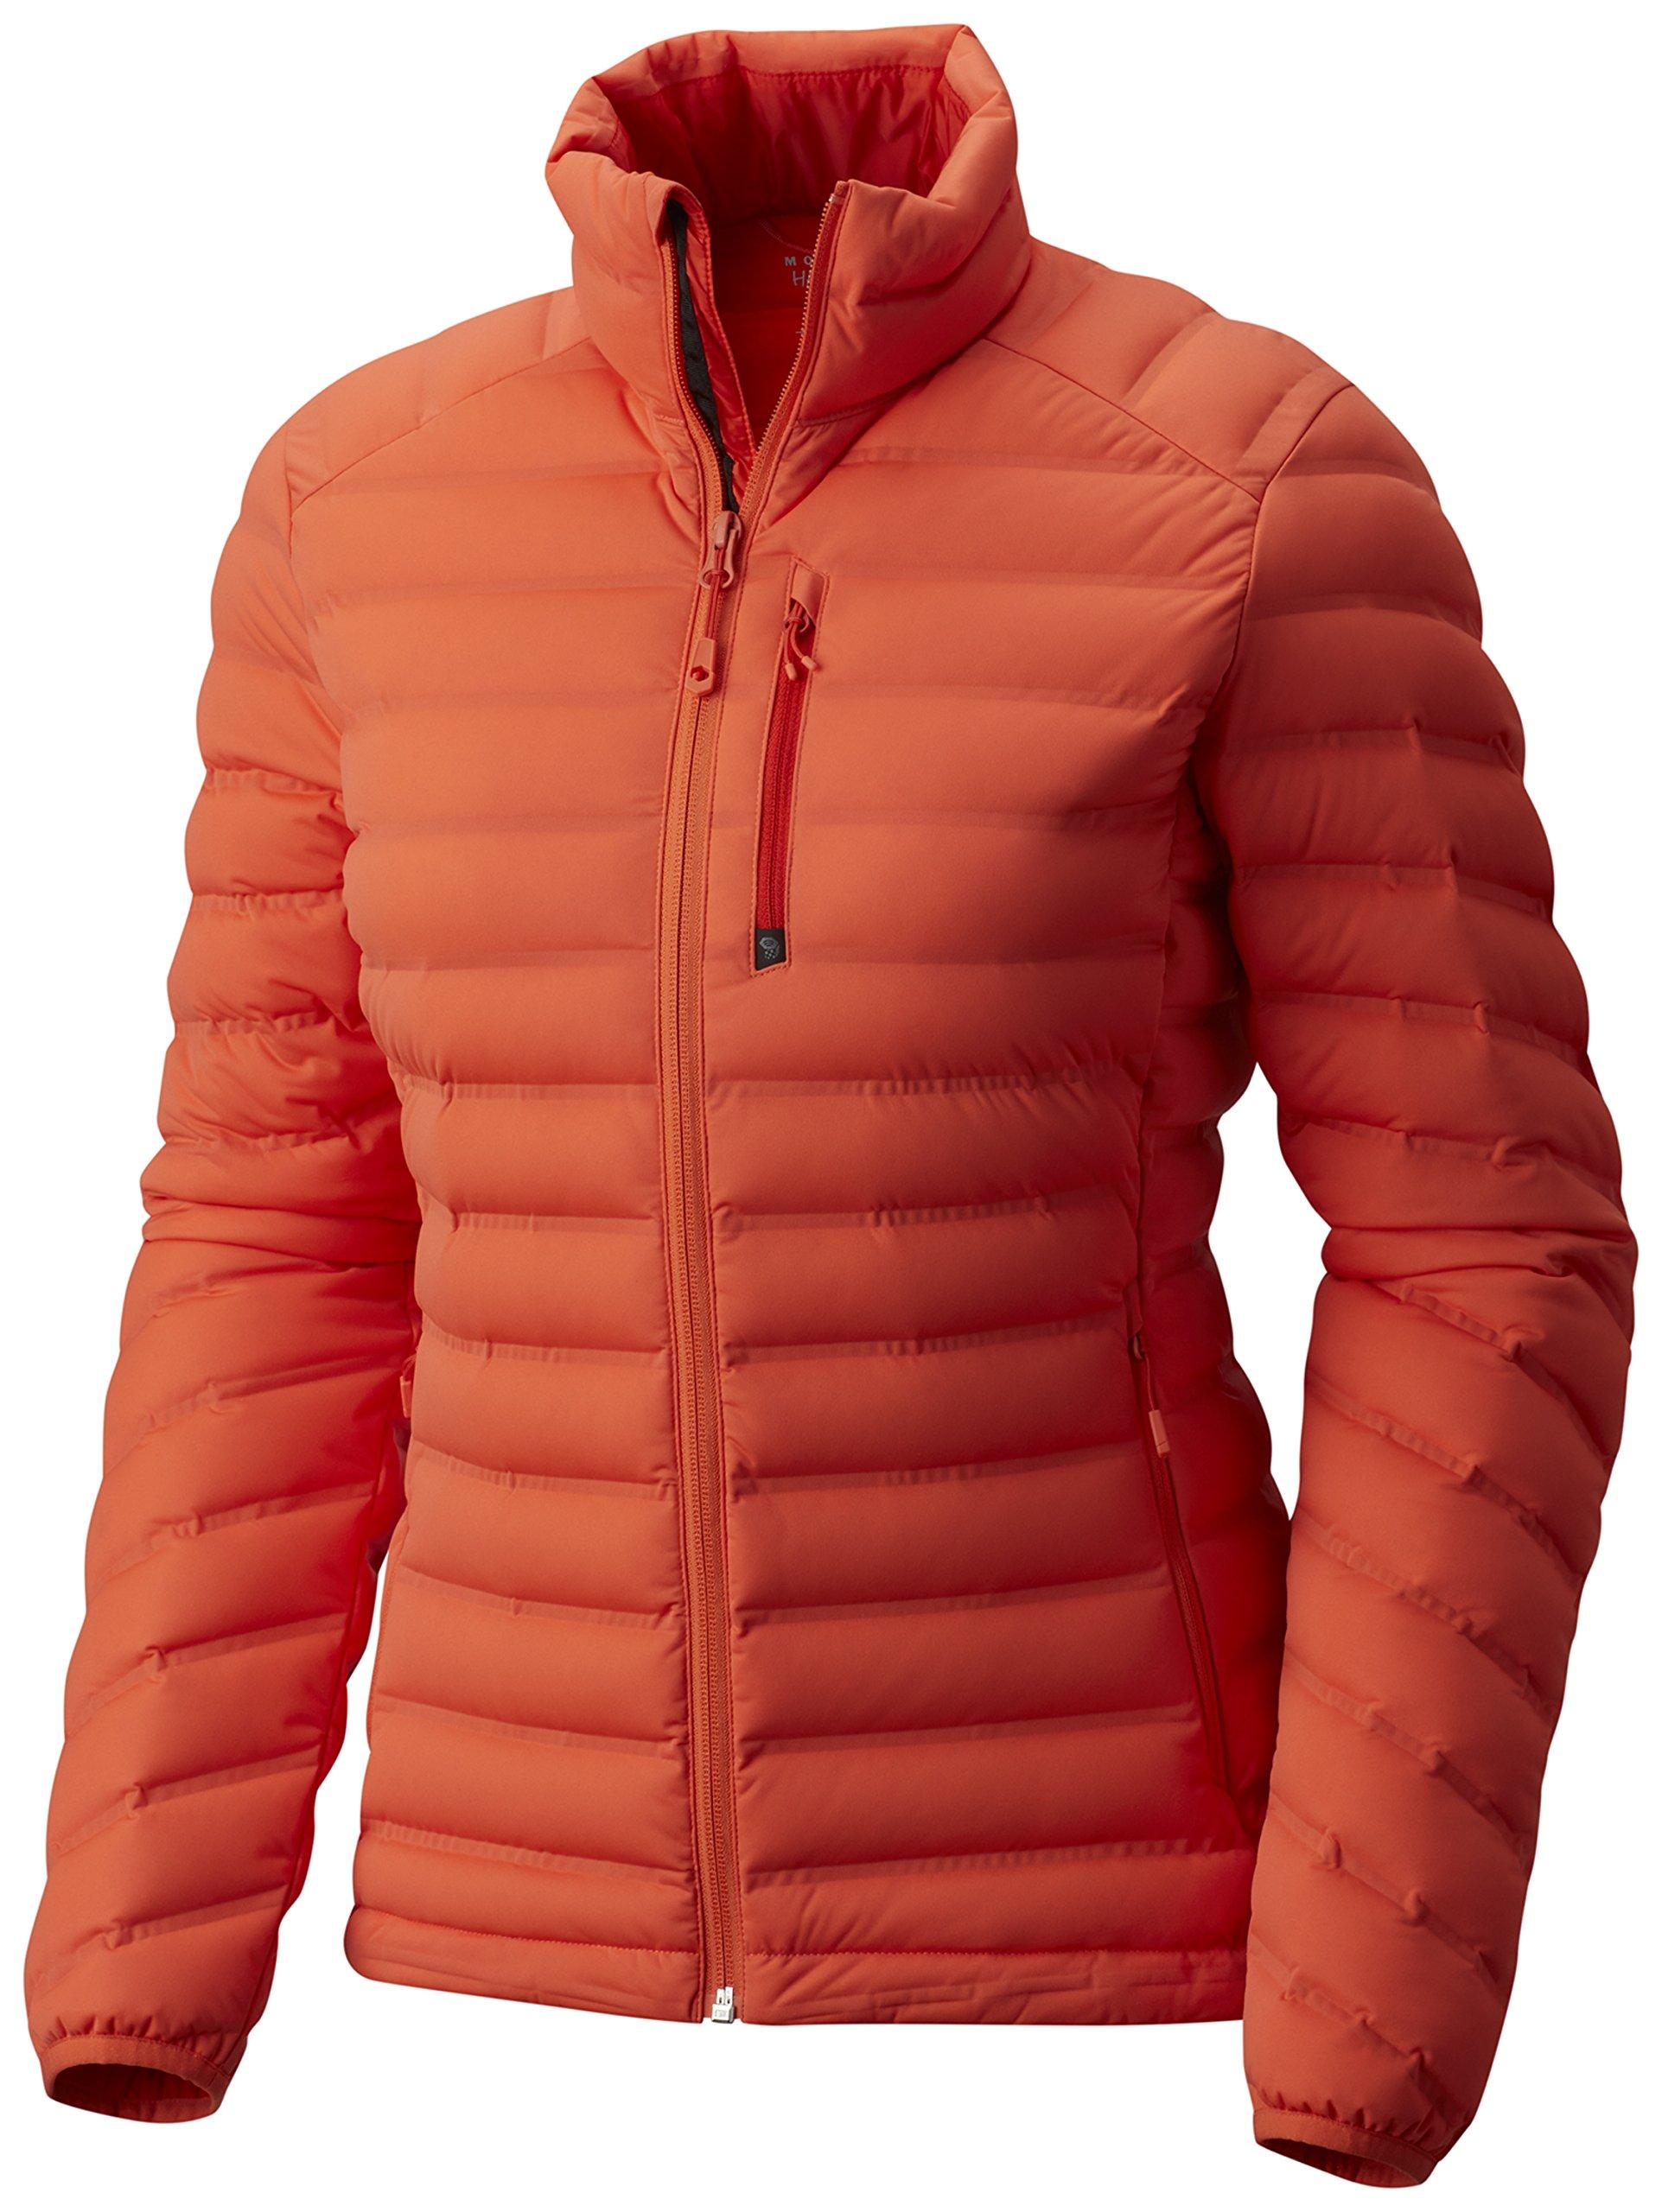 Mountain Hardwear Women's StretchDown Jacket by Mountain Hardwear (Image #1)